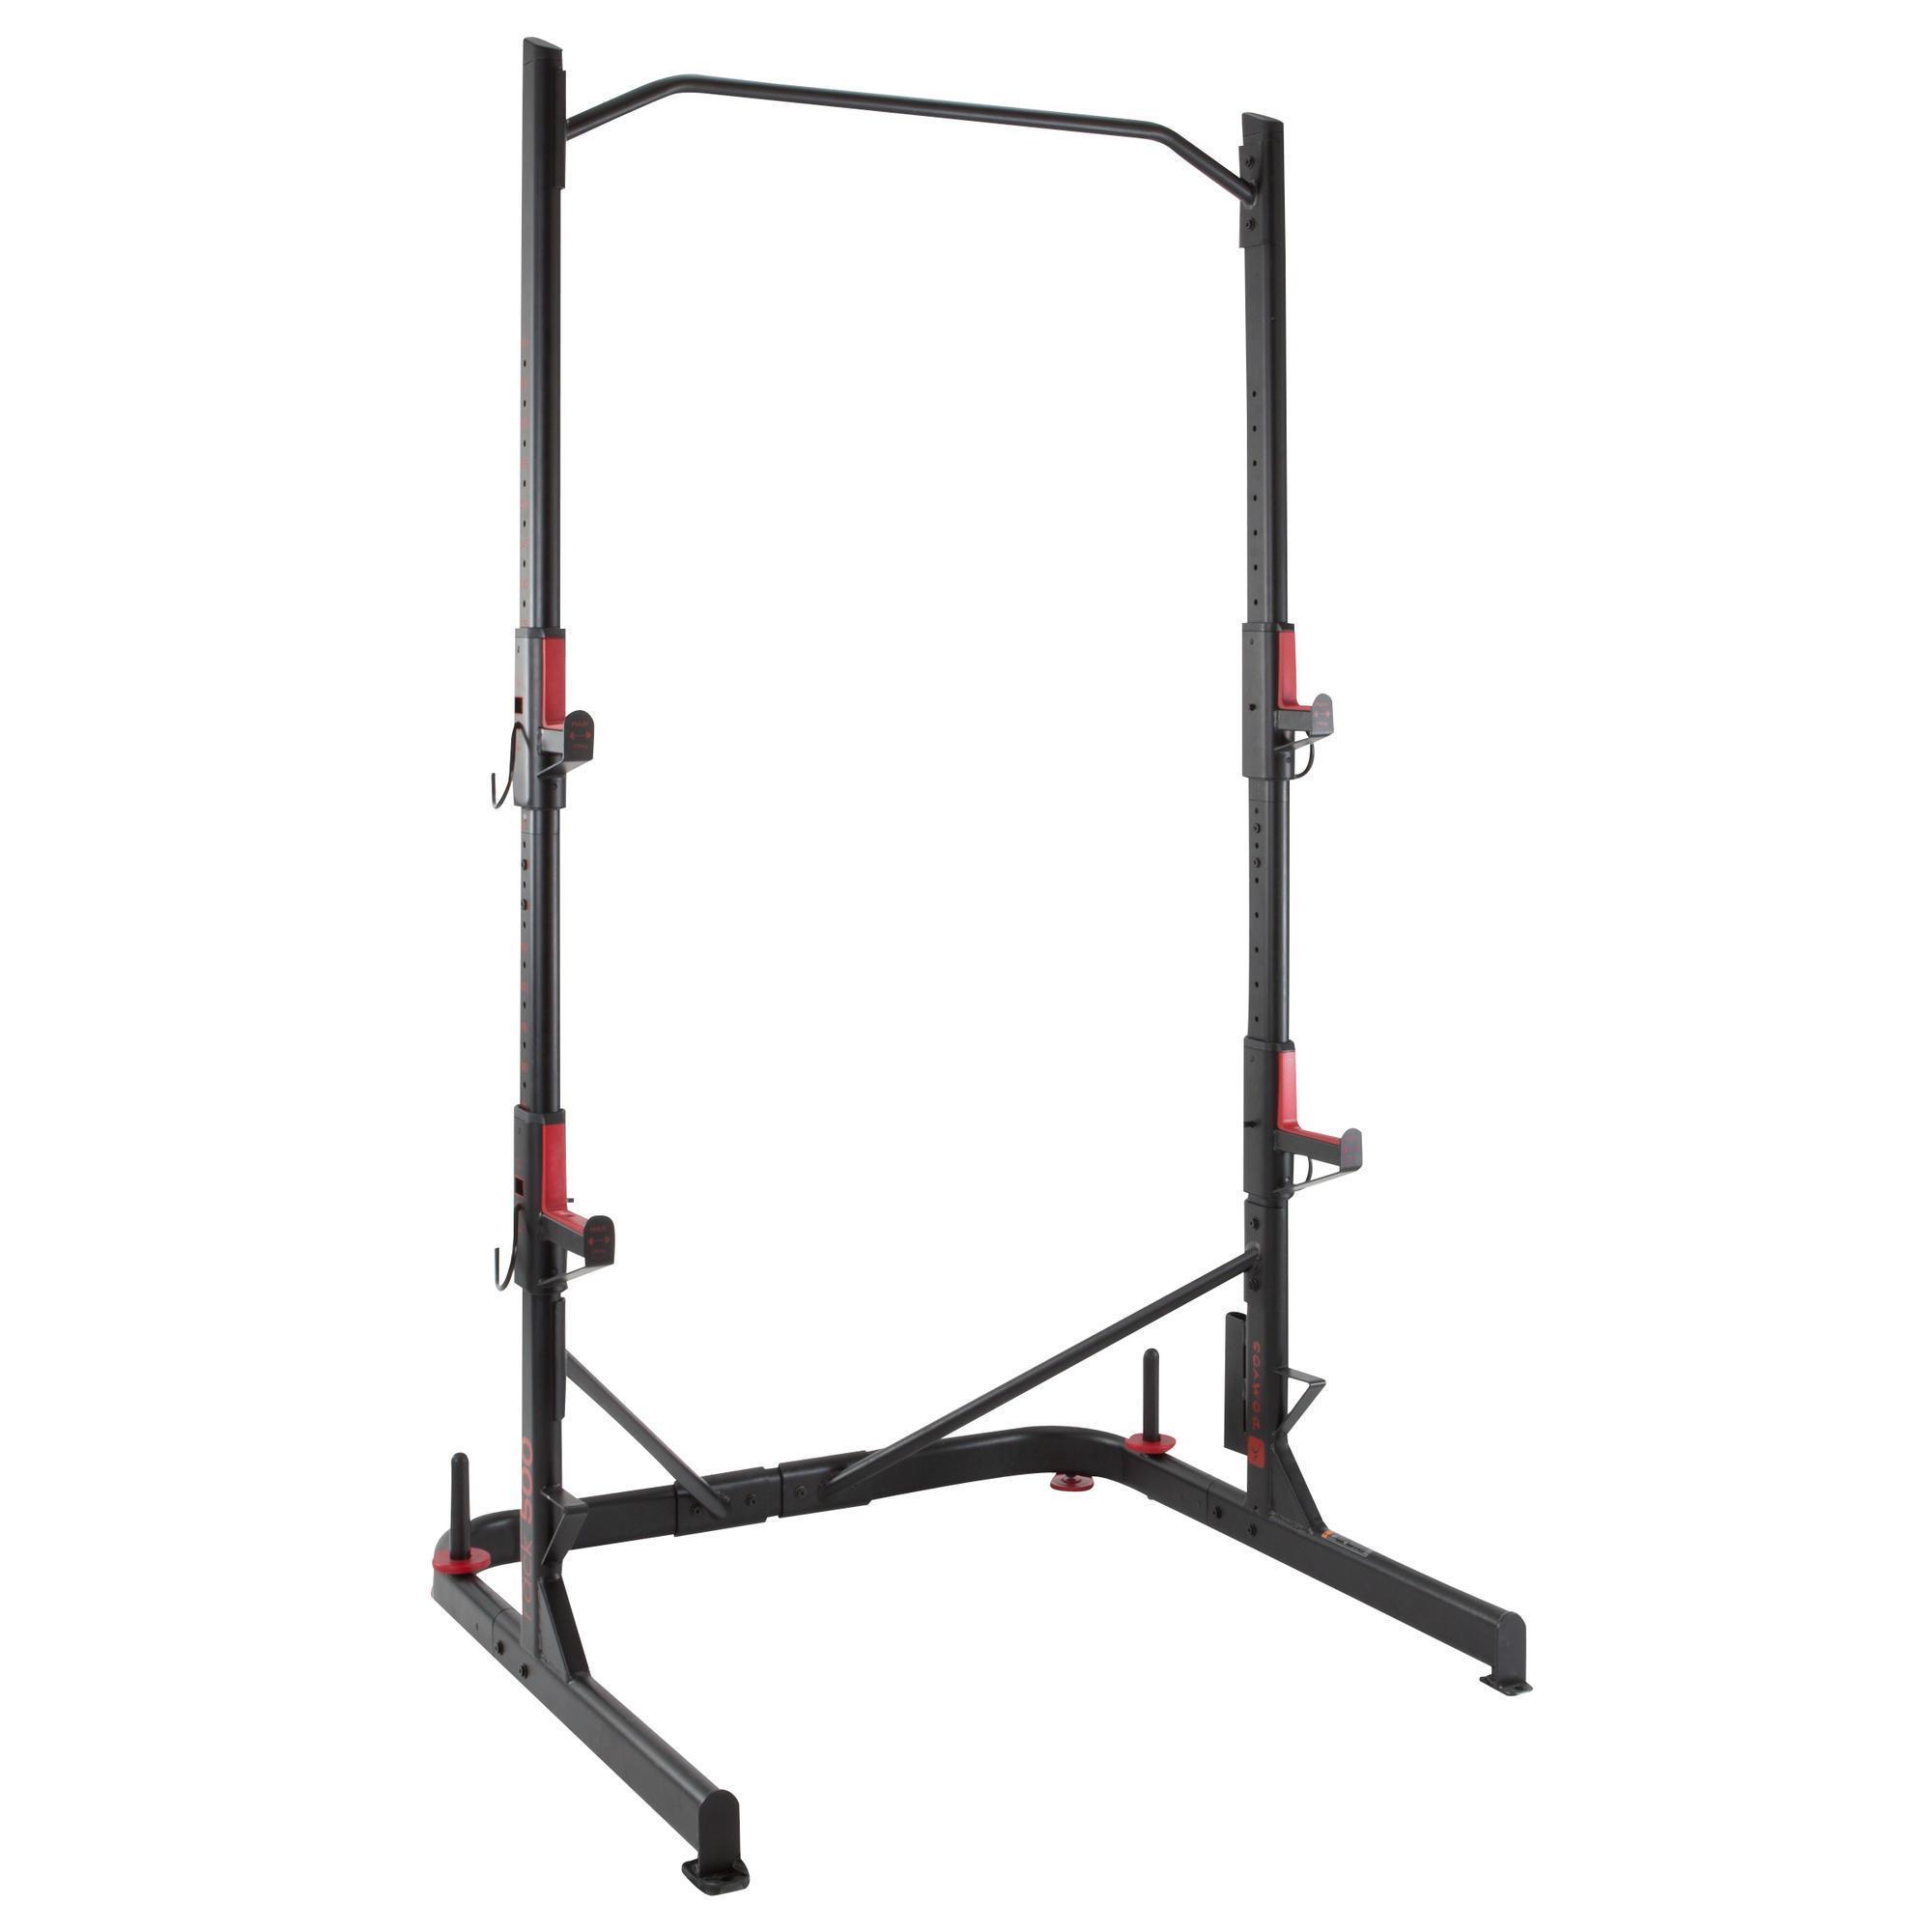 Domyos Rack de musculation squat traction - Domyos